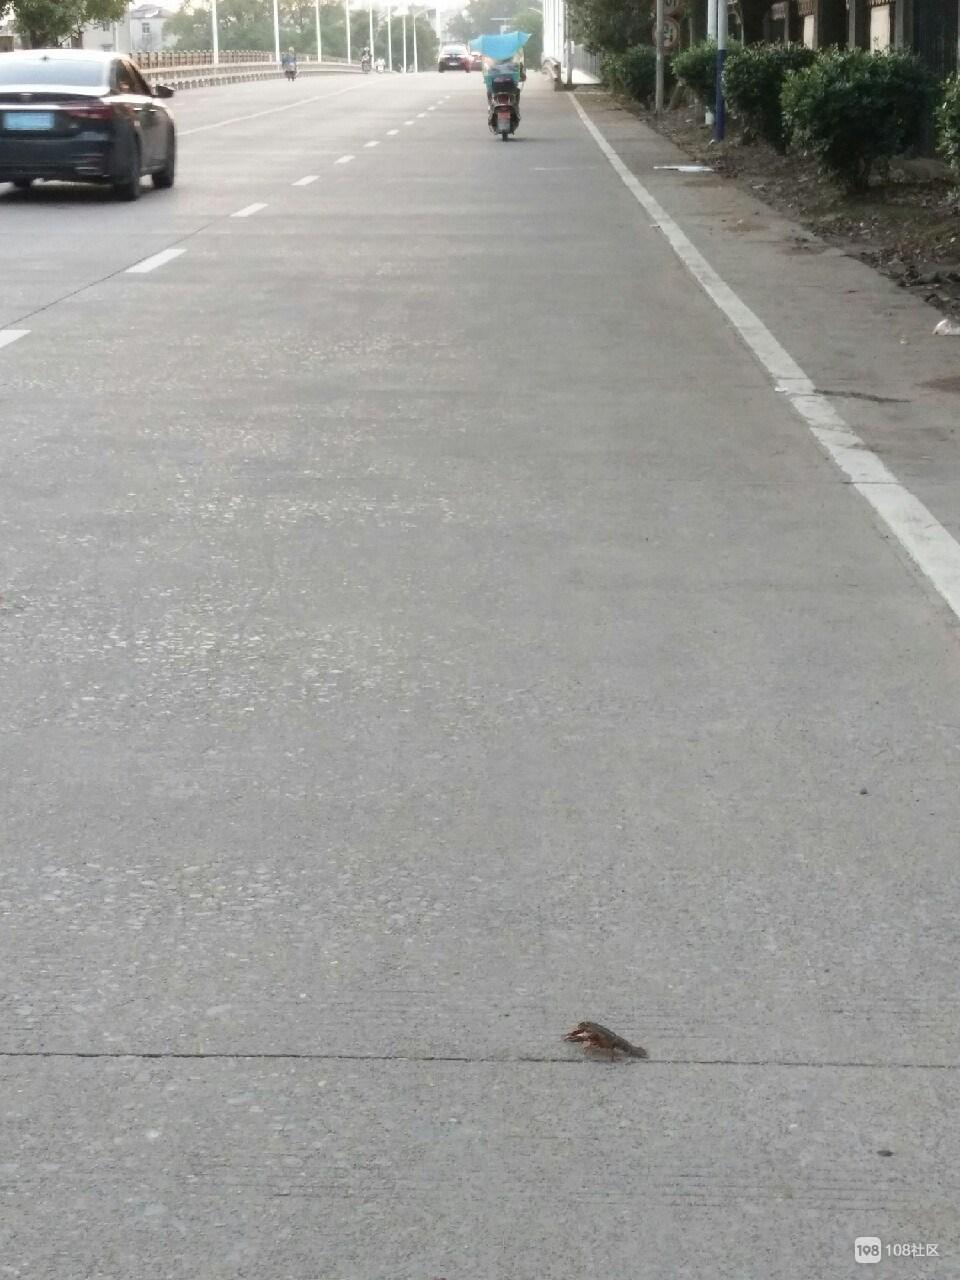 等车过马路的龙虾